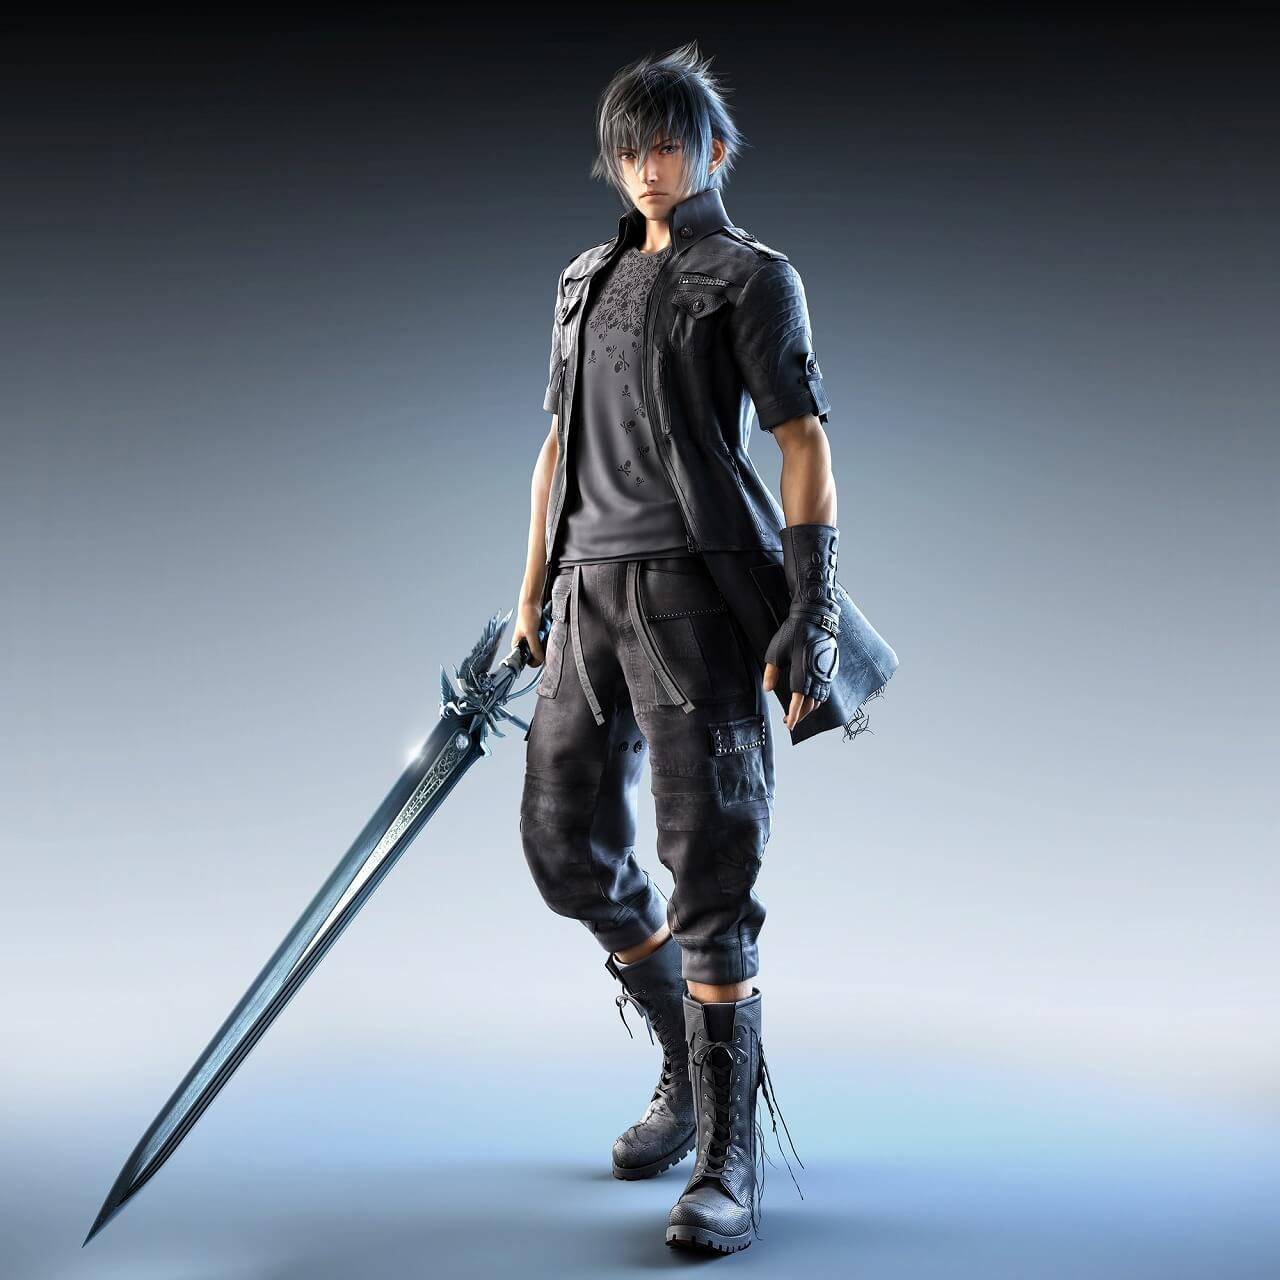 Noctis_Tekken_Final_ Fantasy